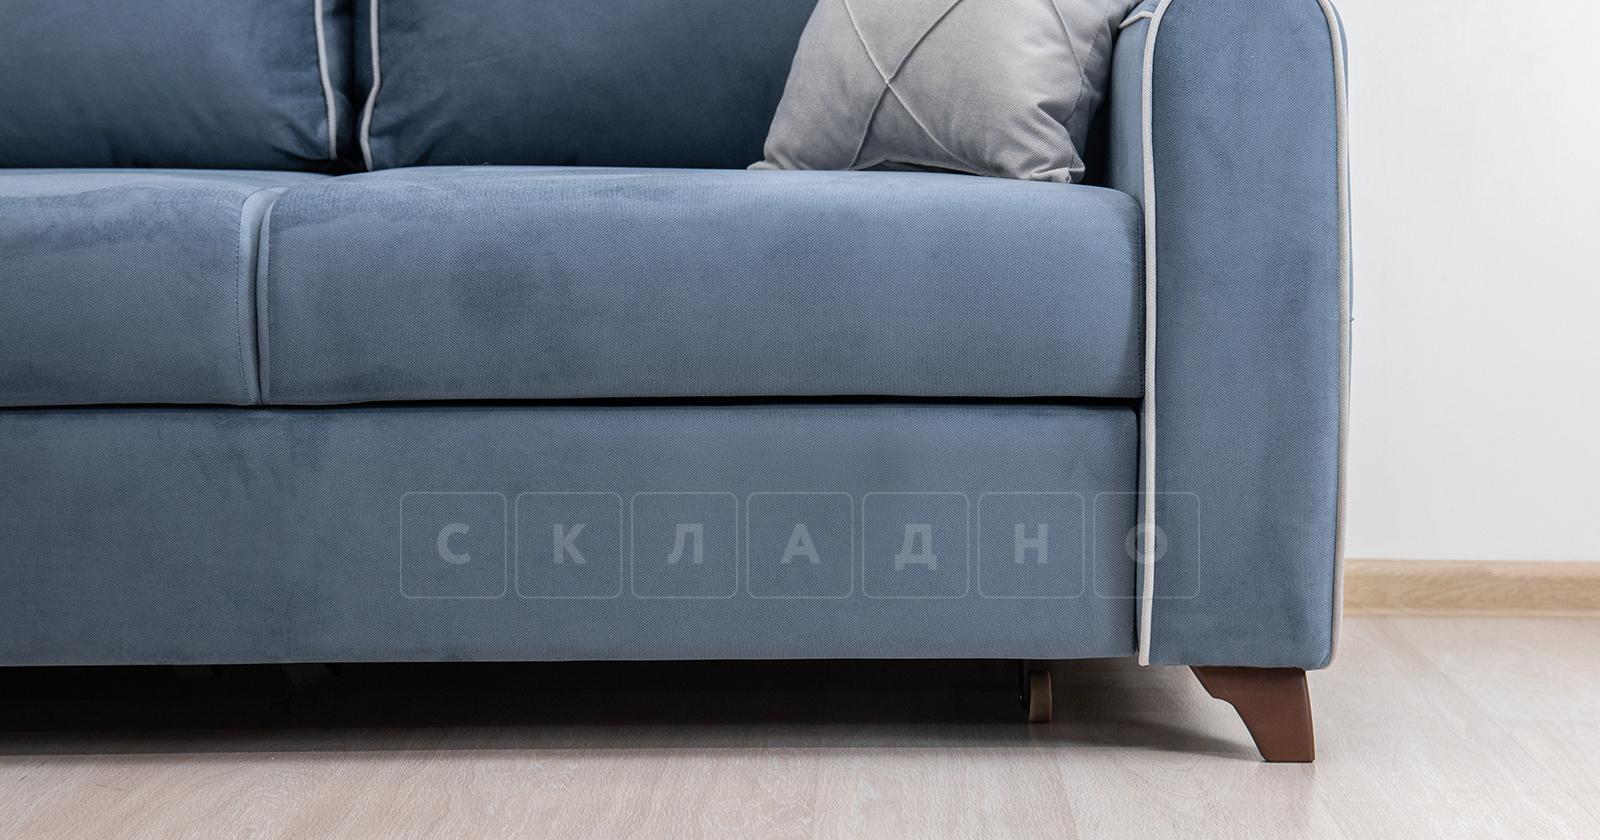 Диван-кровать угловой Флэтфорд серо-синий фото 9 | интернет-магазин Складно